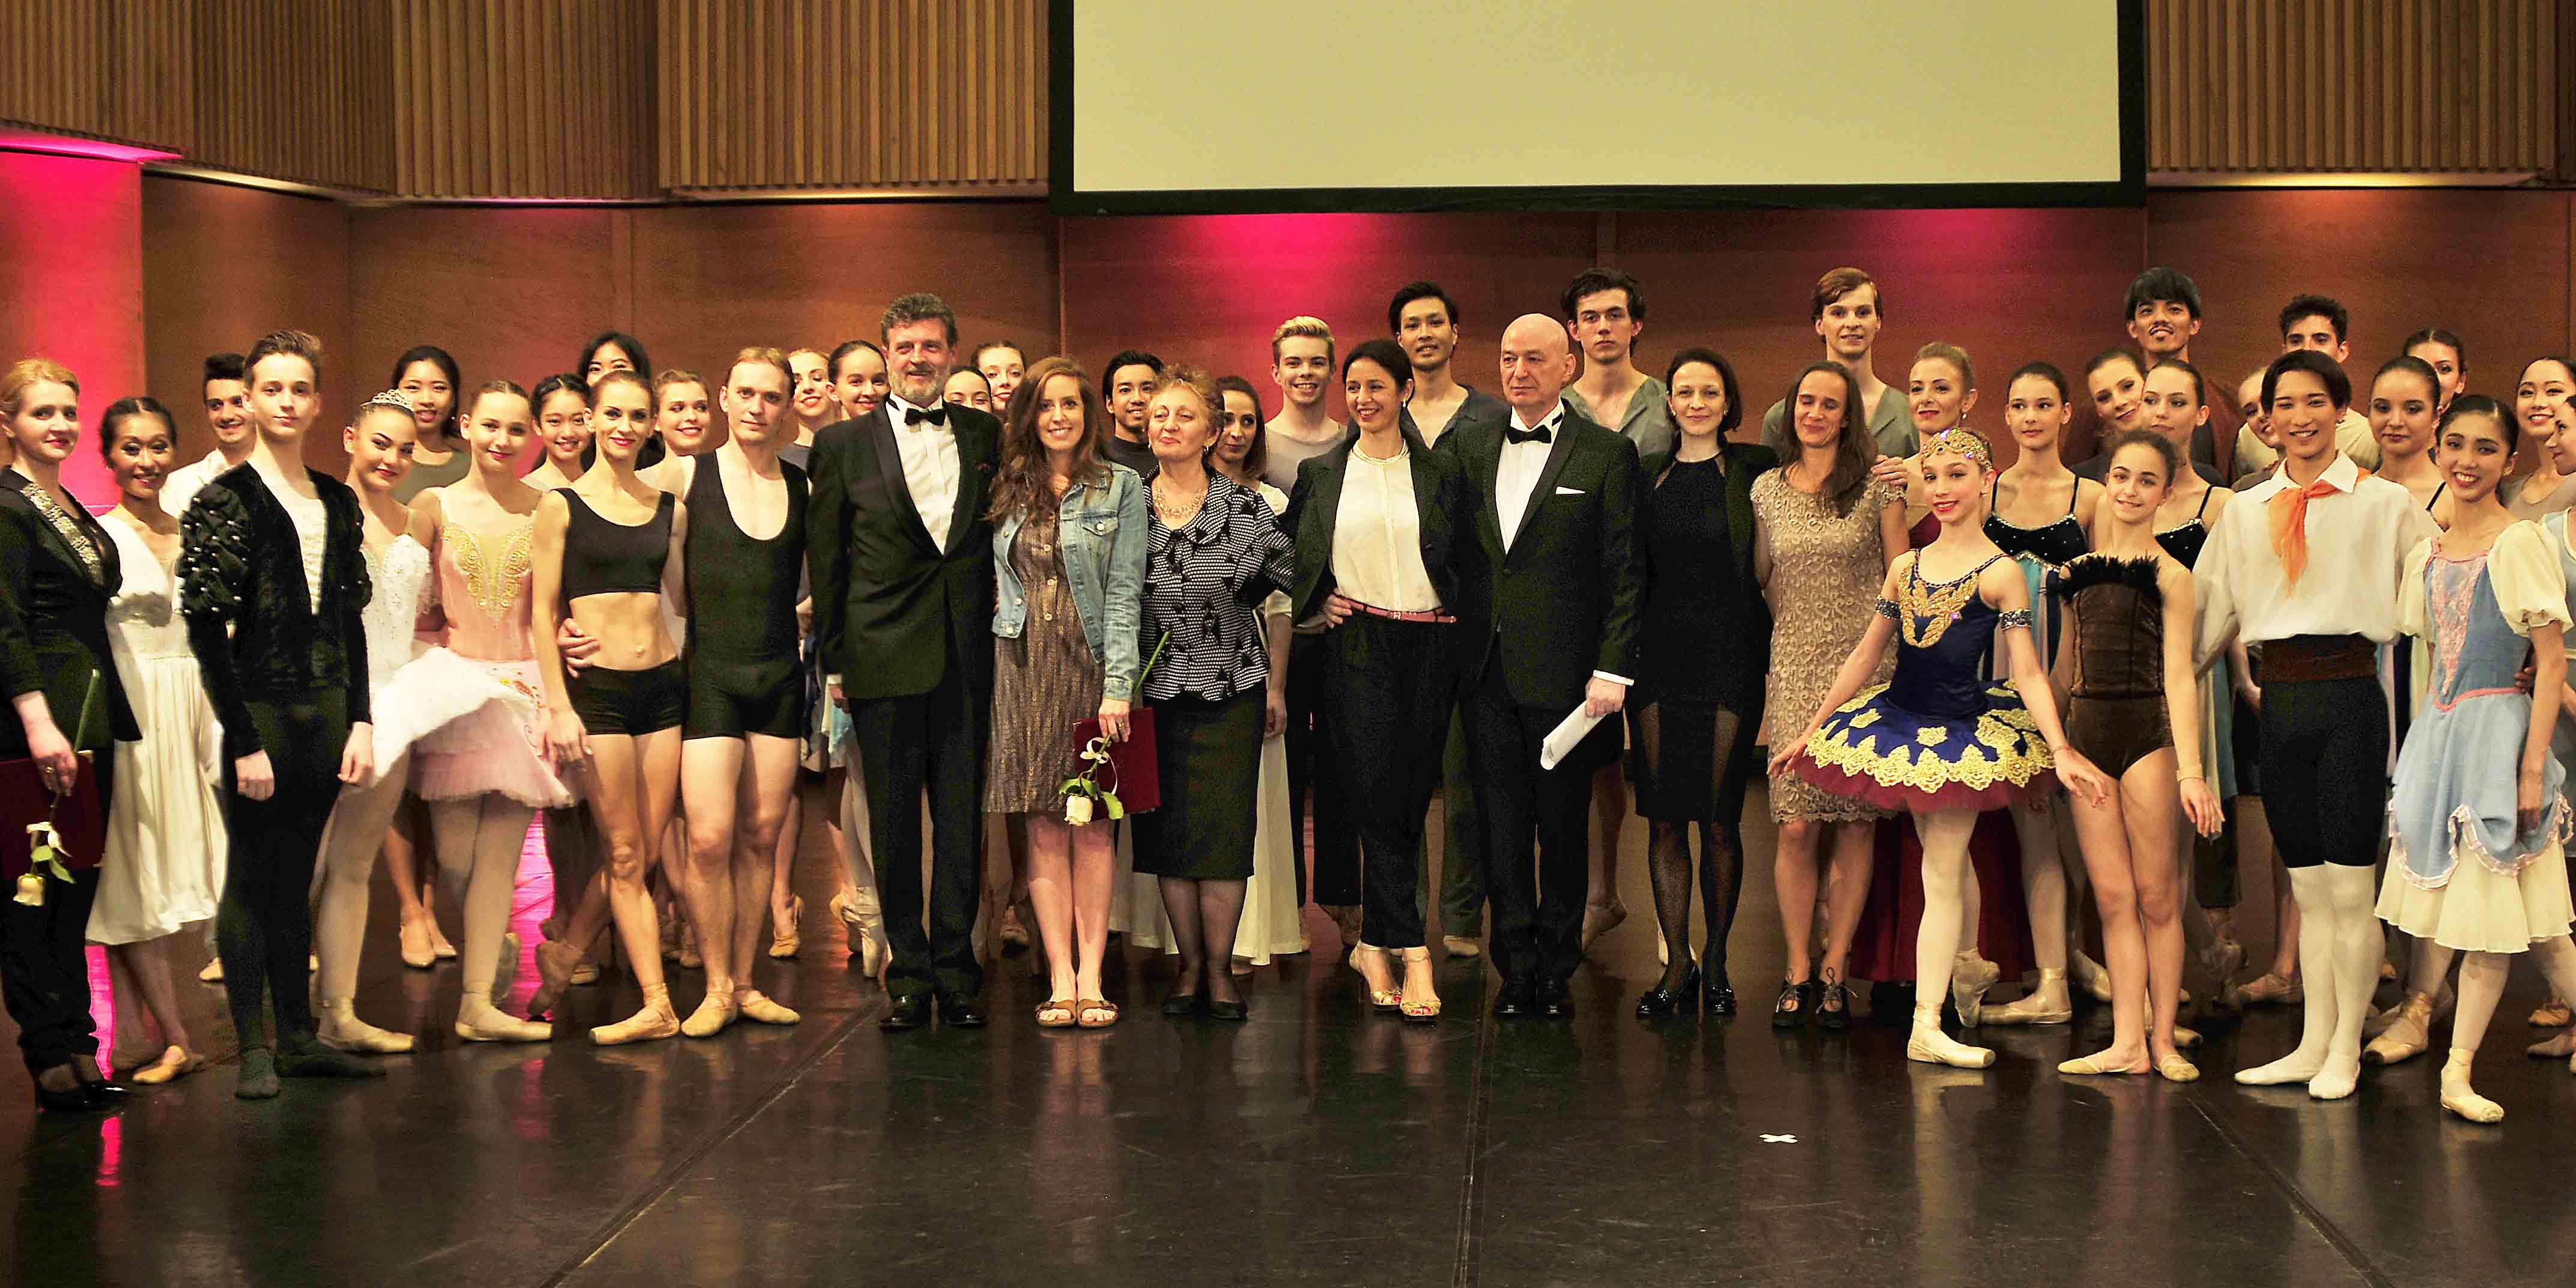 Cronică de spectacol - Gala de balet